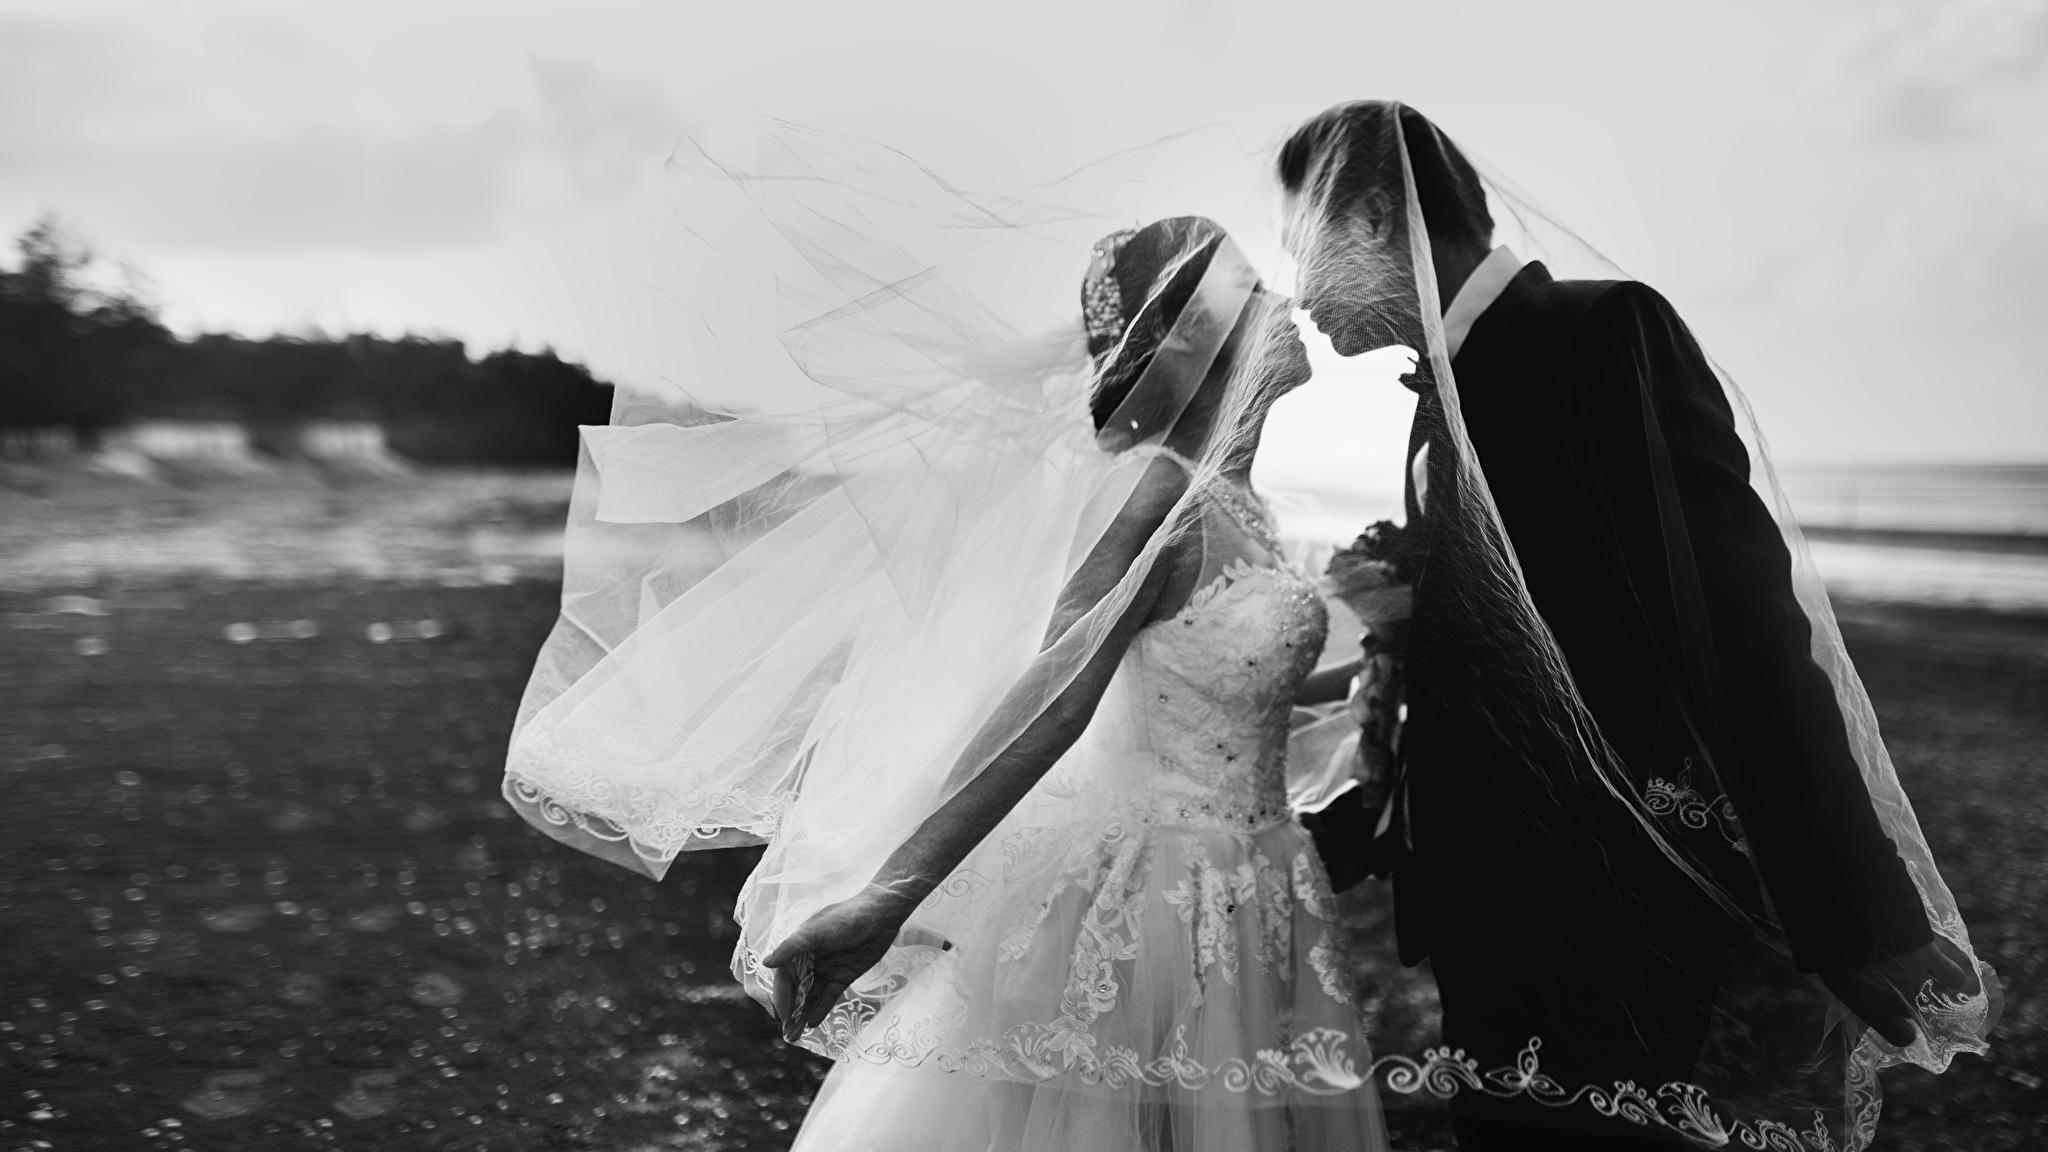 Фото Жених Невеста Свадьба Мужчины Поцелуй Любовь вдвоем Девушки Черно белое 2048x1152 2 Двое